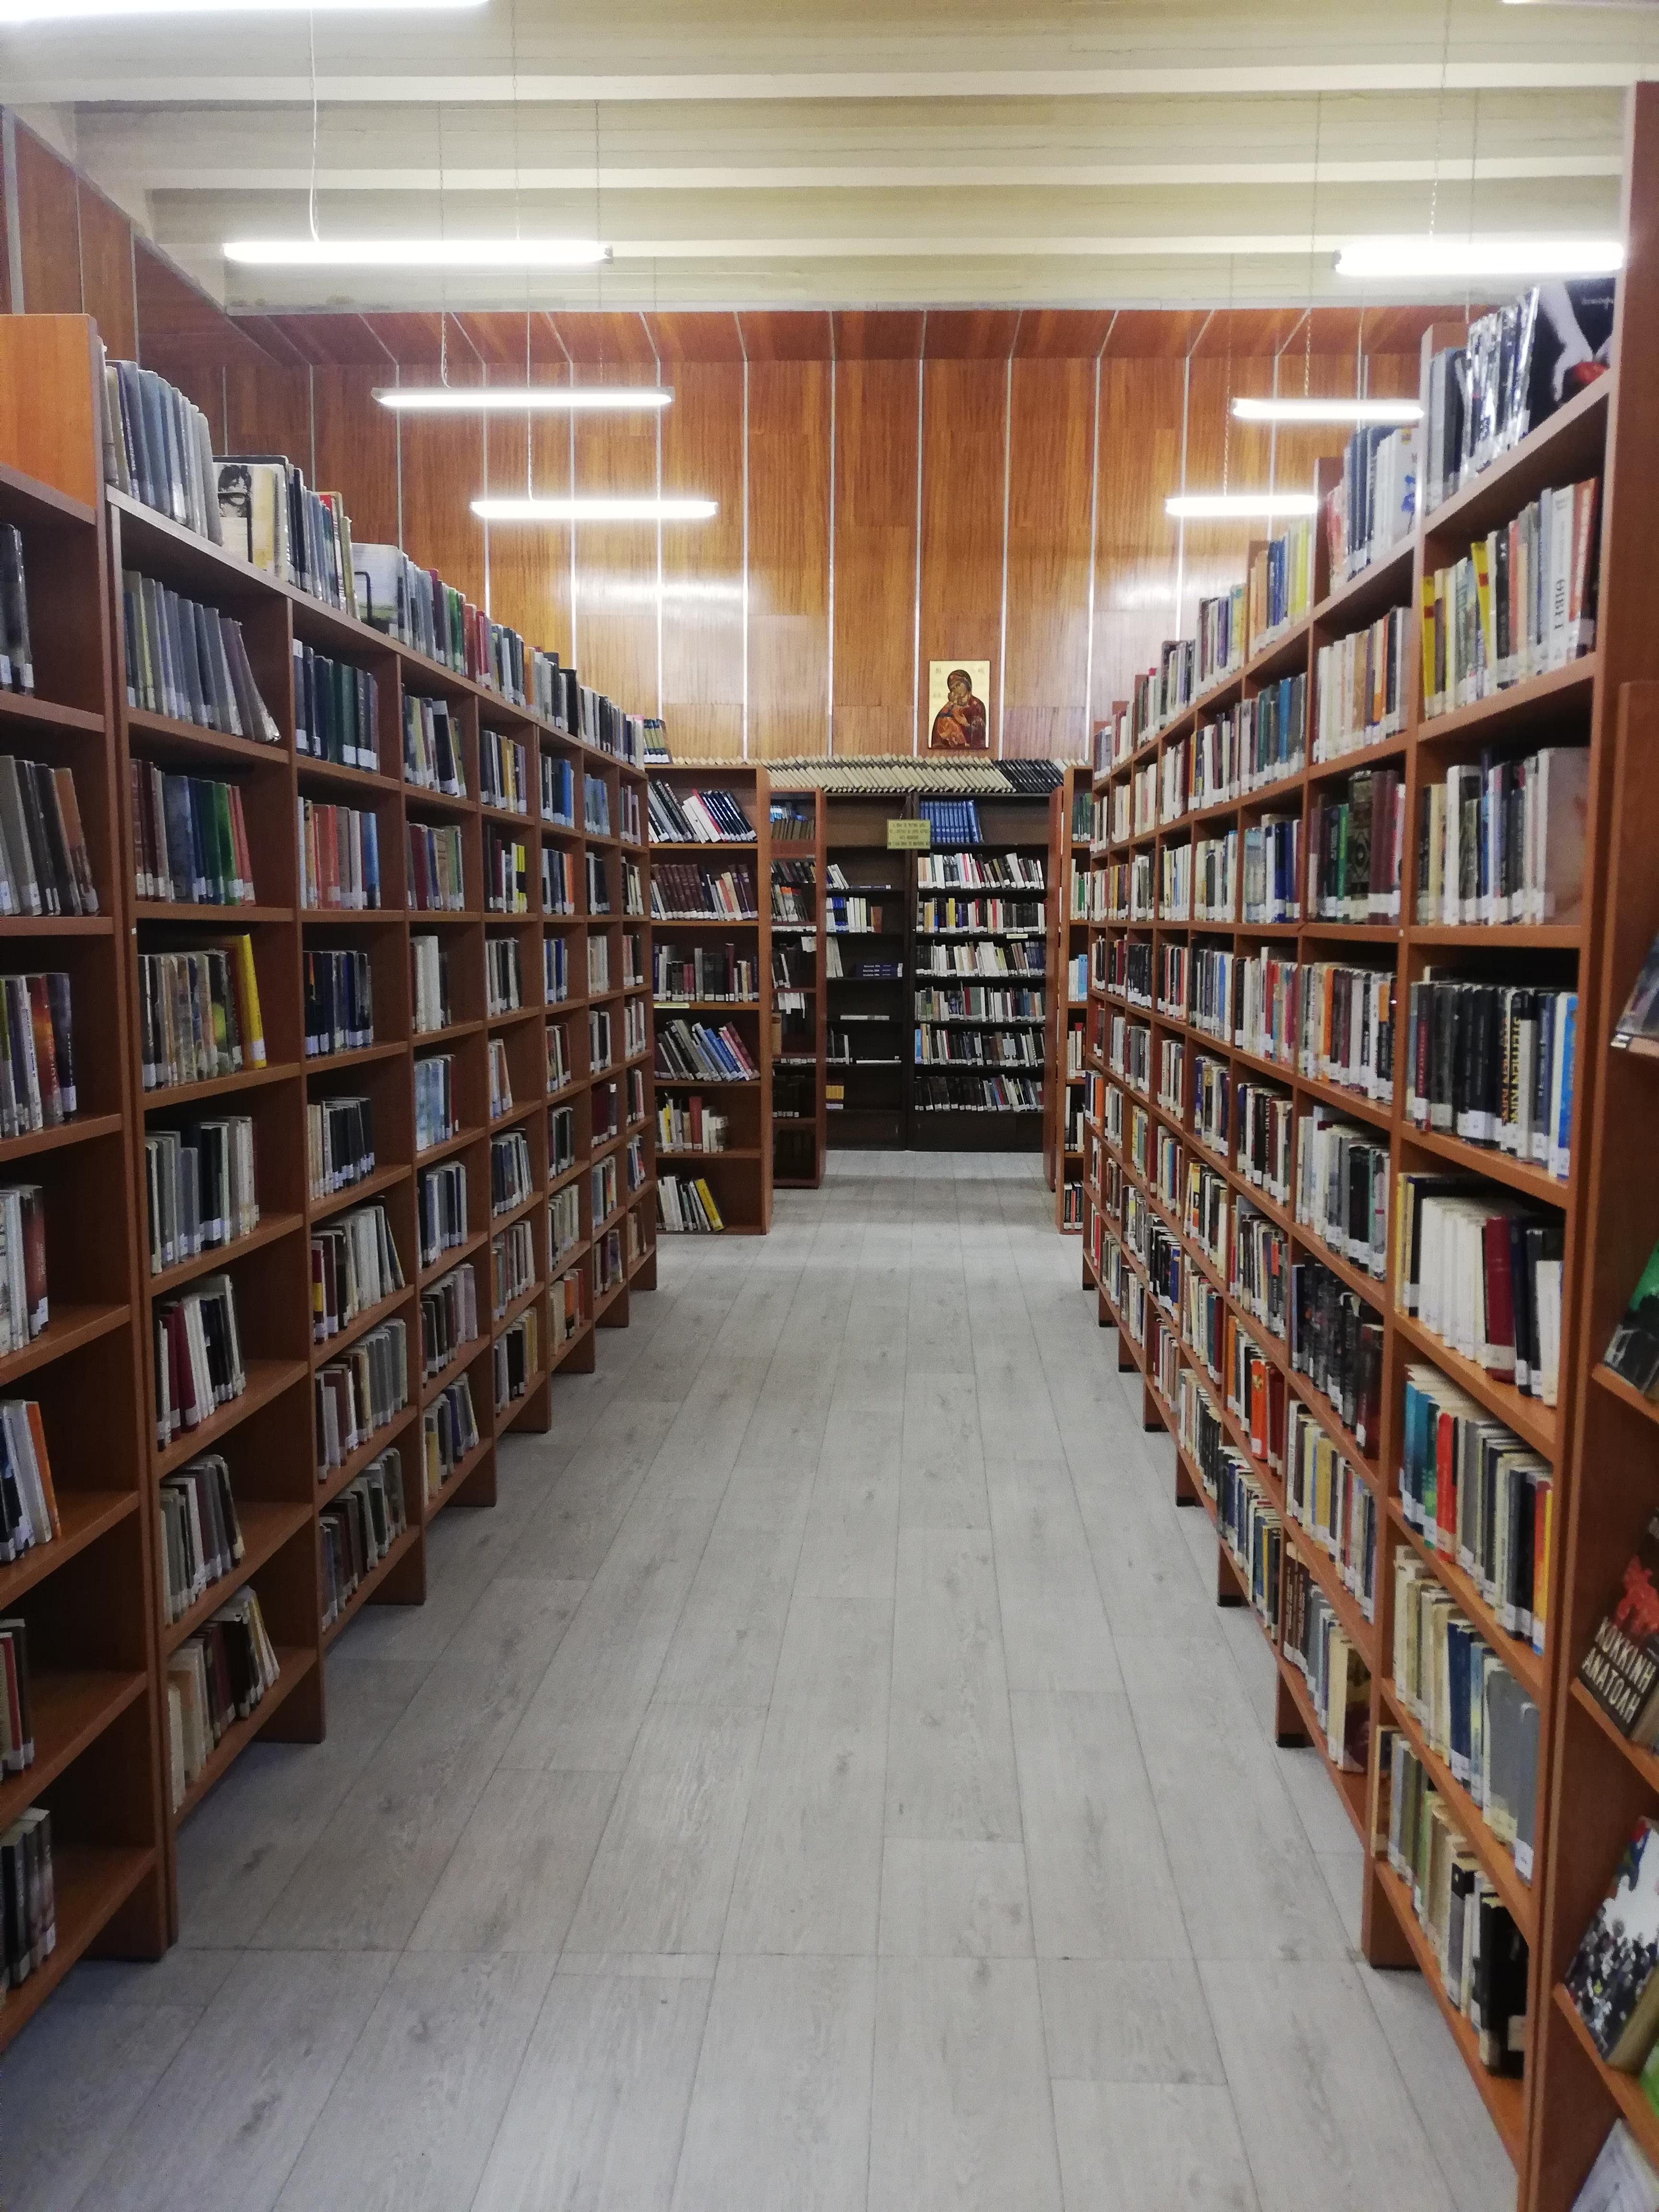 Ενημέρωση για τους τρόπους δανεισμού βιβλίων της Δημοτικής Βιβλιοθήκης